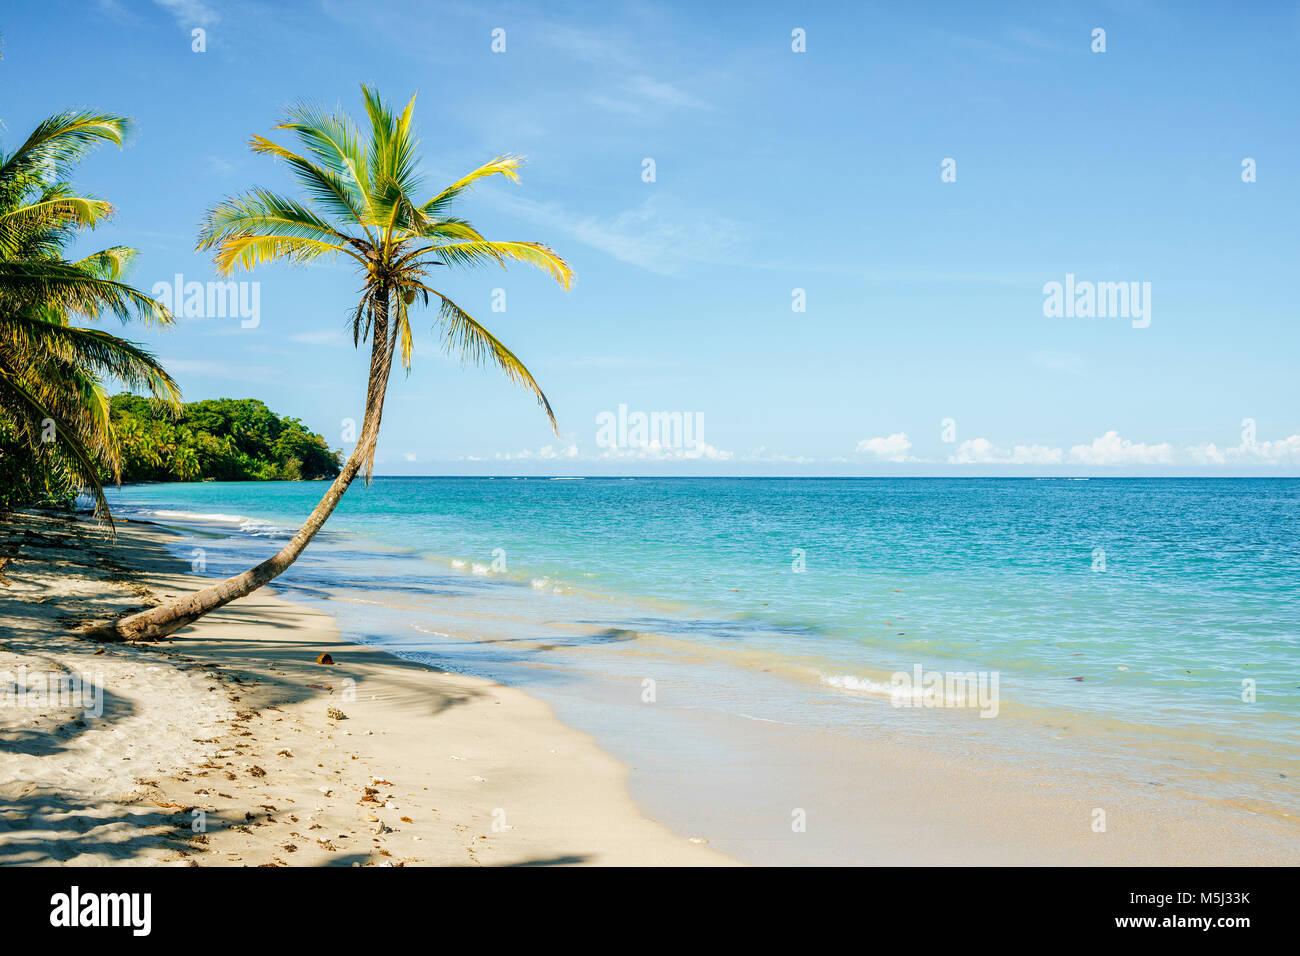 Costa Rica, Limon, spiaggia con Palm tree nel parco nazionale di Cahuita Immagini Stock